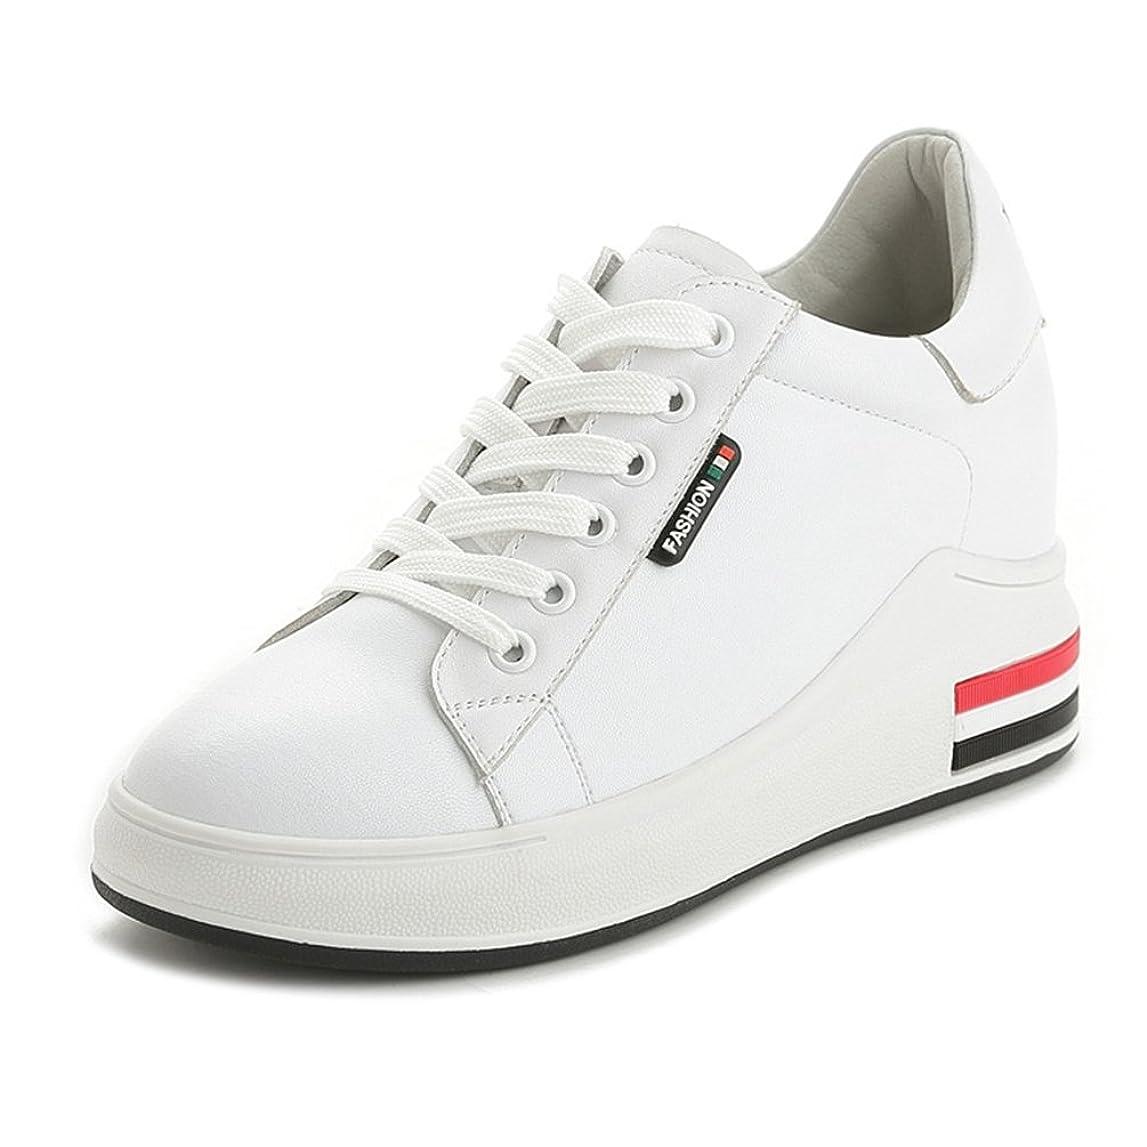 苦害虫通信する[サニーサニー] インヒールスニーカー レディース 厚底 レースアップ シークレットシューズ 歩きやすい カジュアル 快適 プラットフォーム 通学 フラット ハイカット 通気性 通勤 柔らかい 身長アップ 美脚 運動靴 革靴